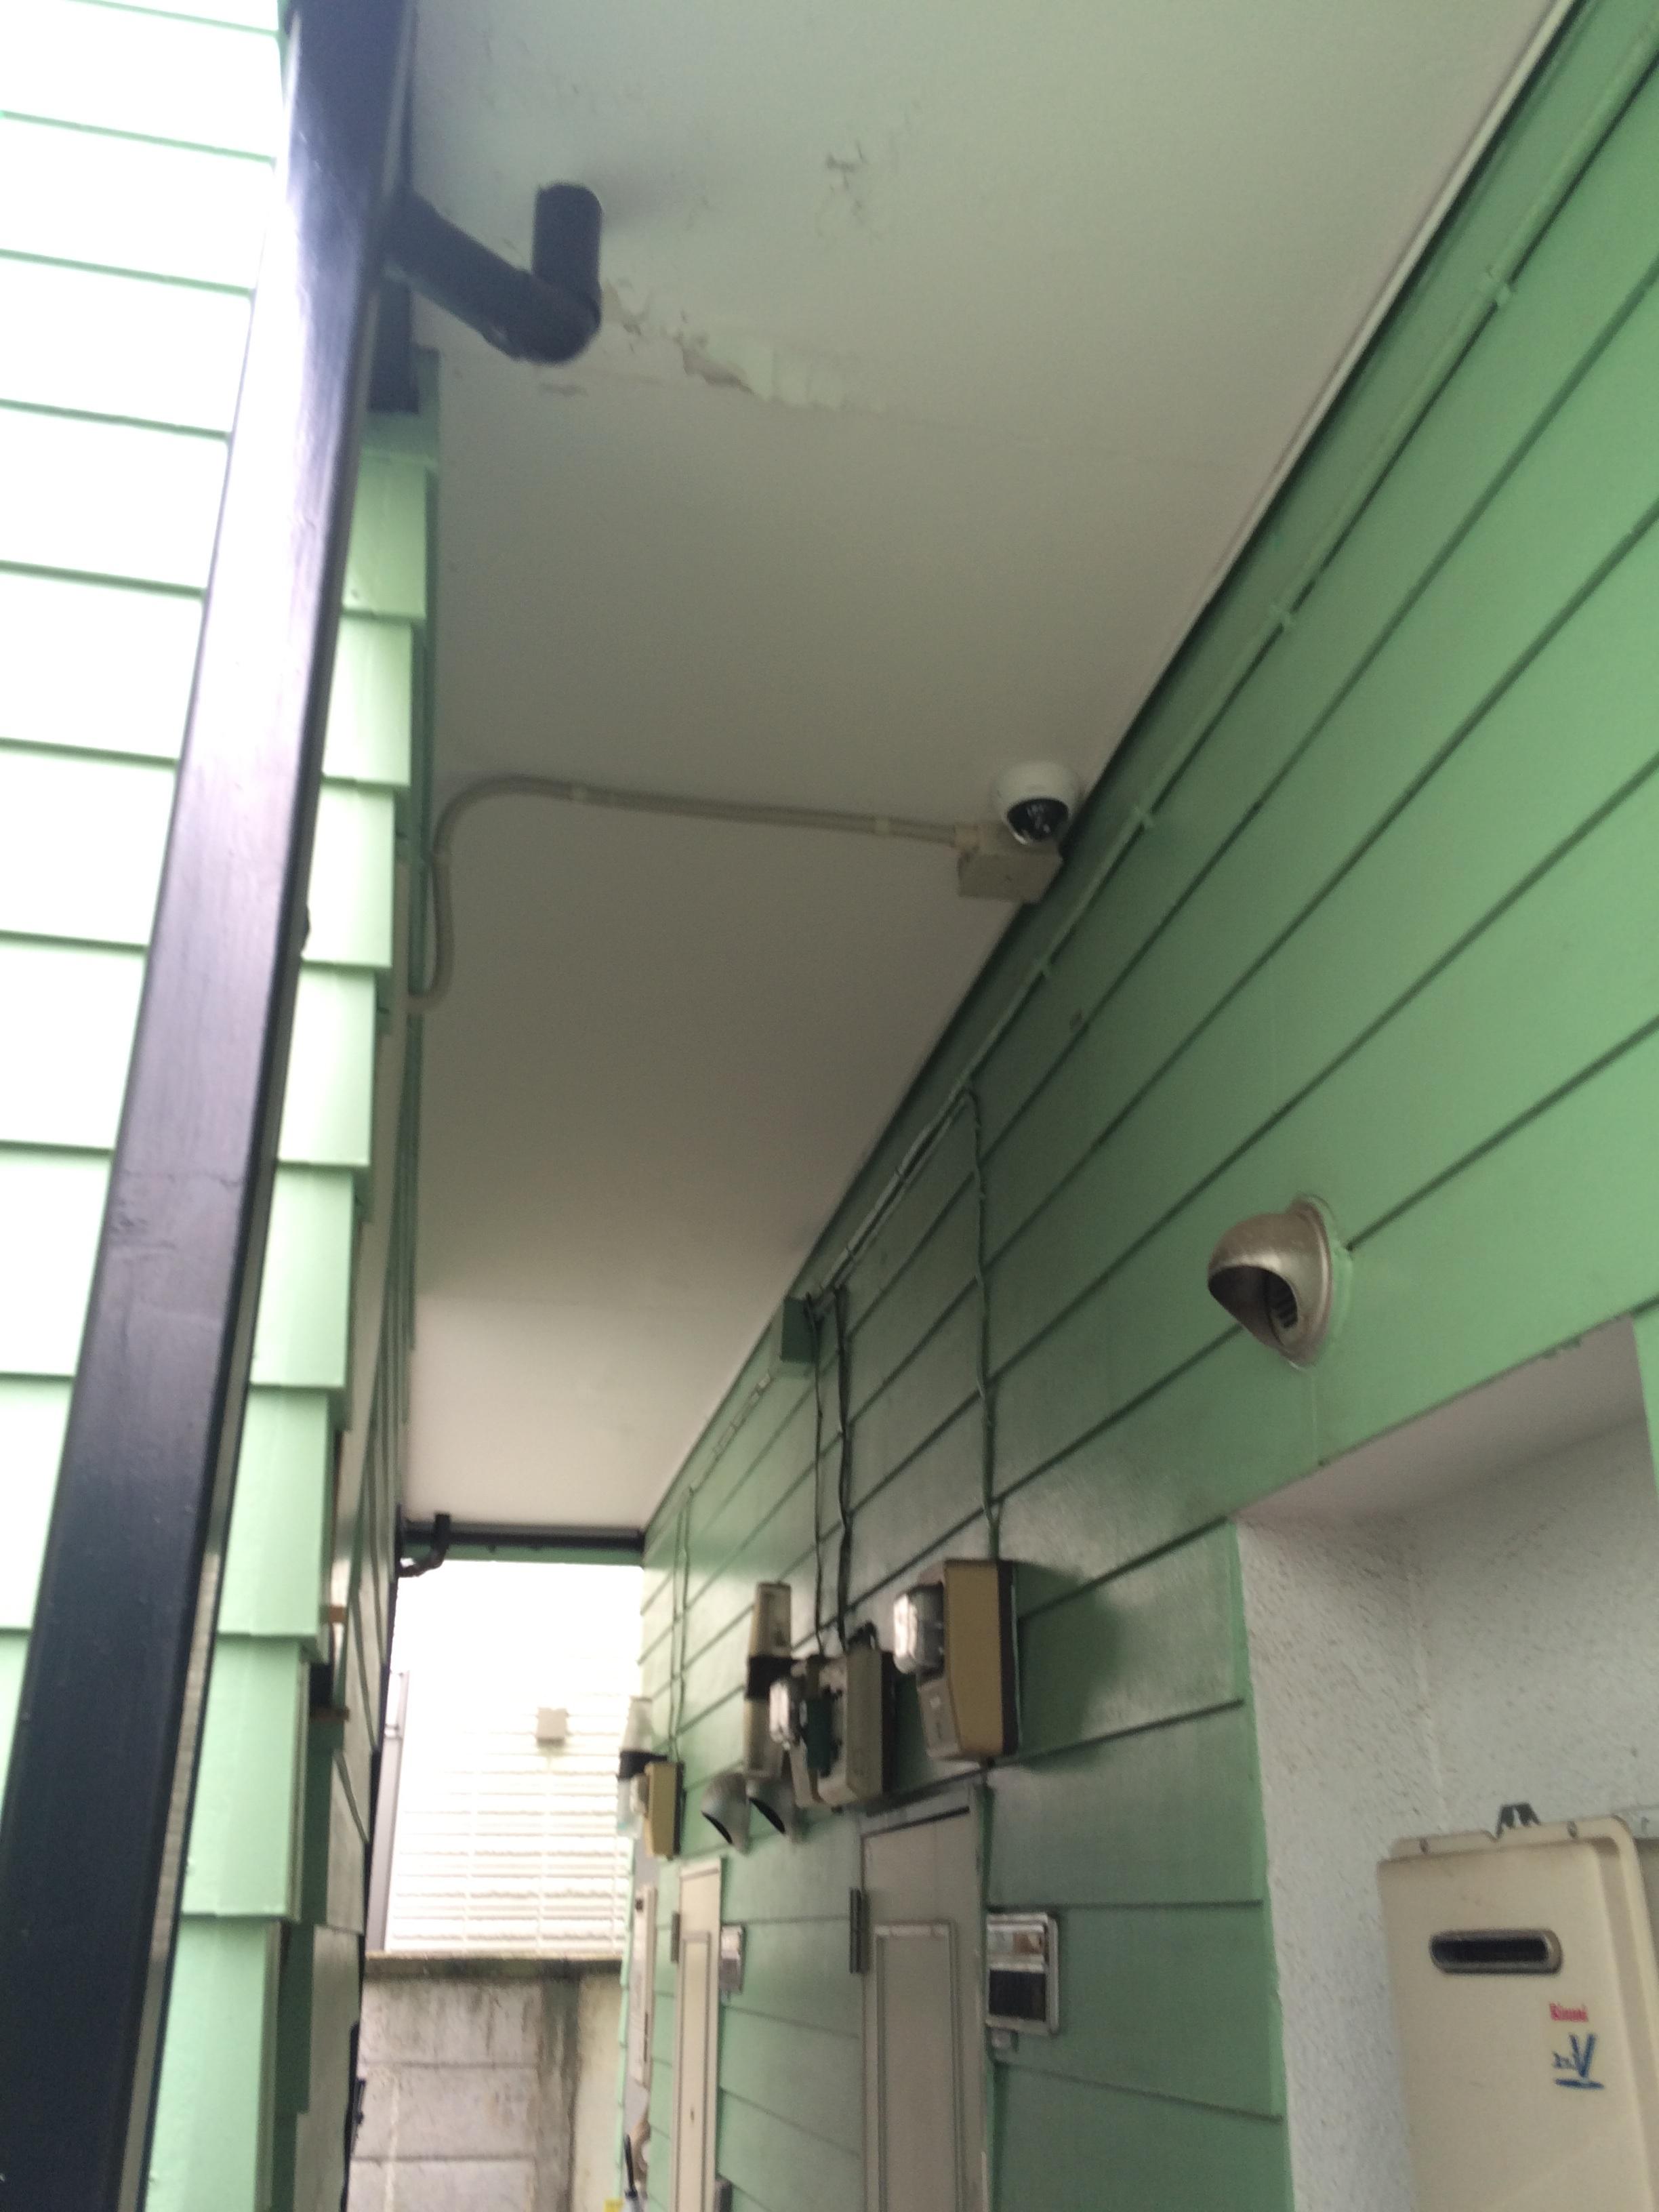 東京都 アパート共用部への不法投棄を防止